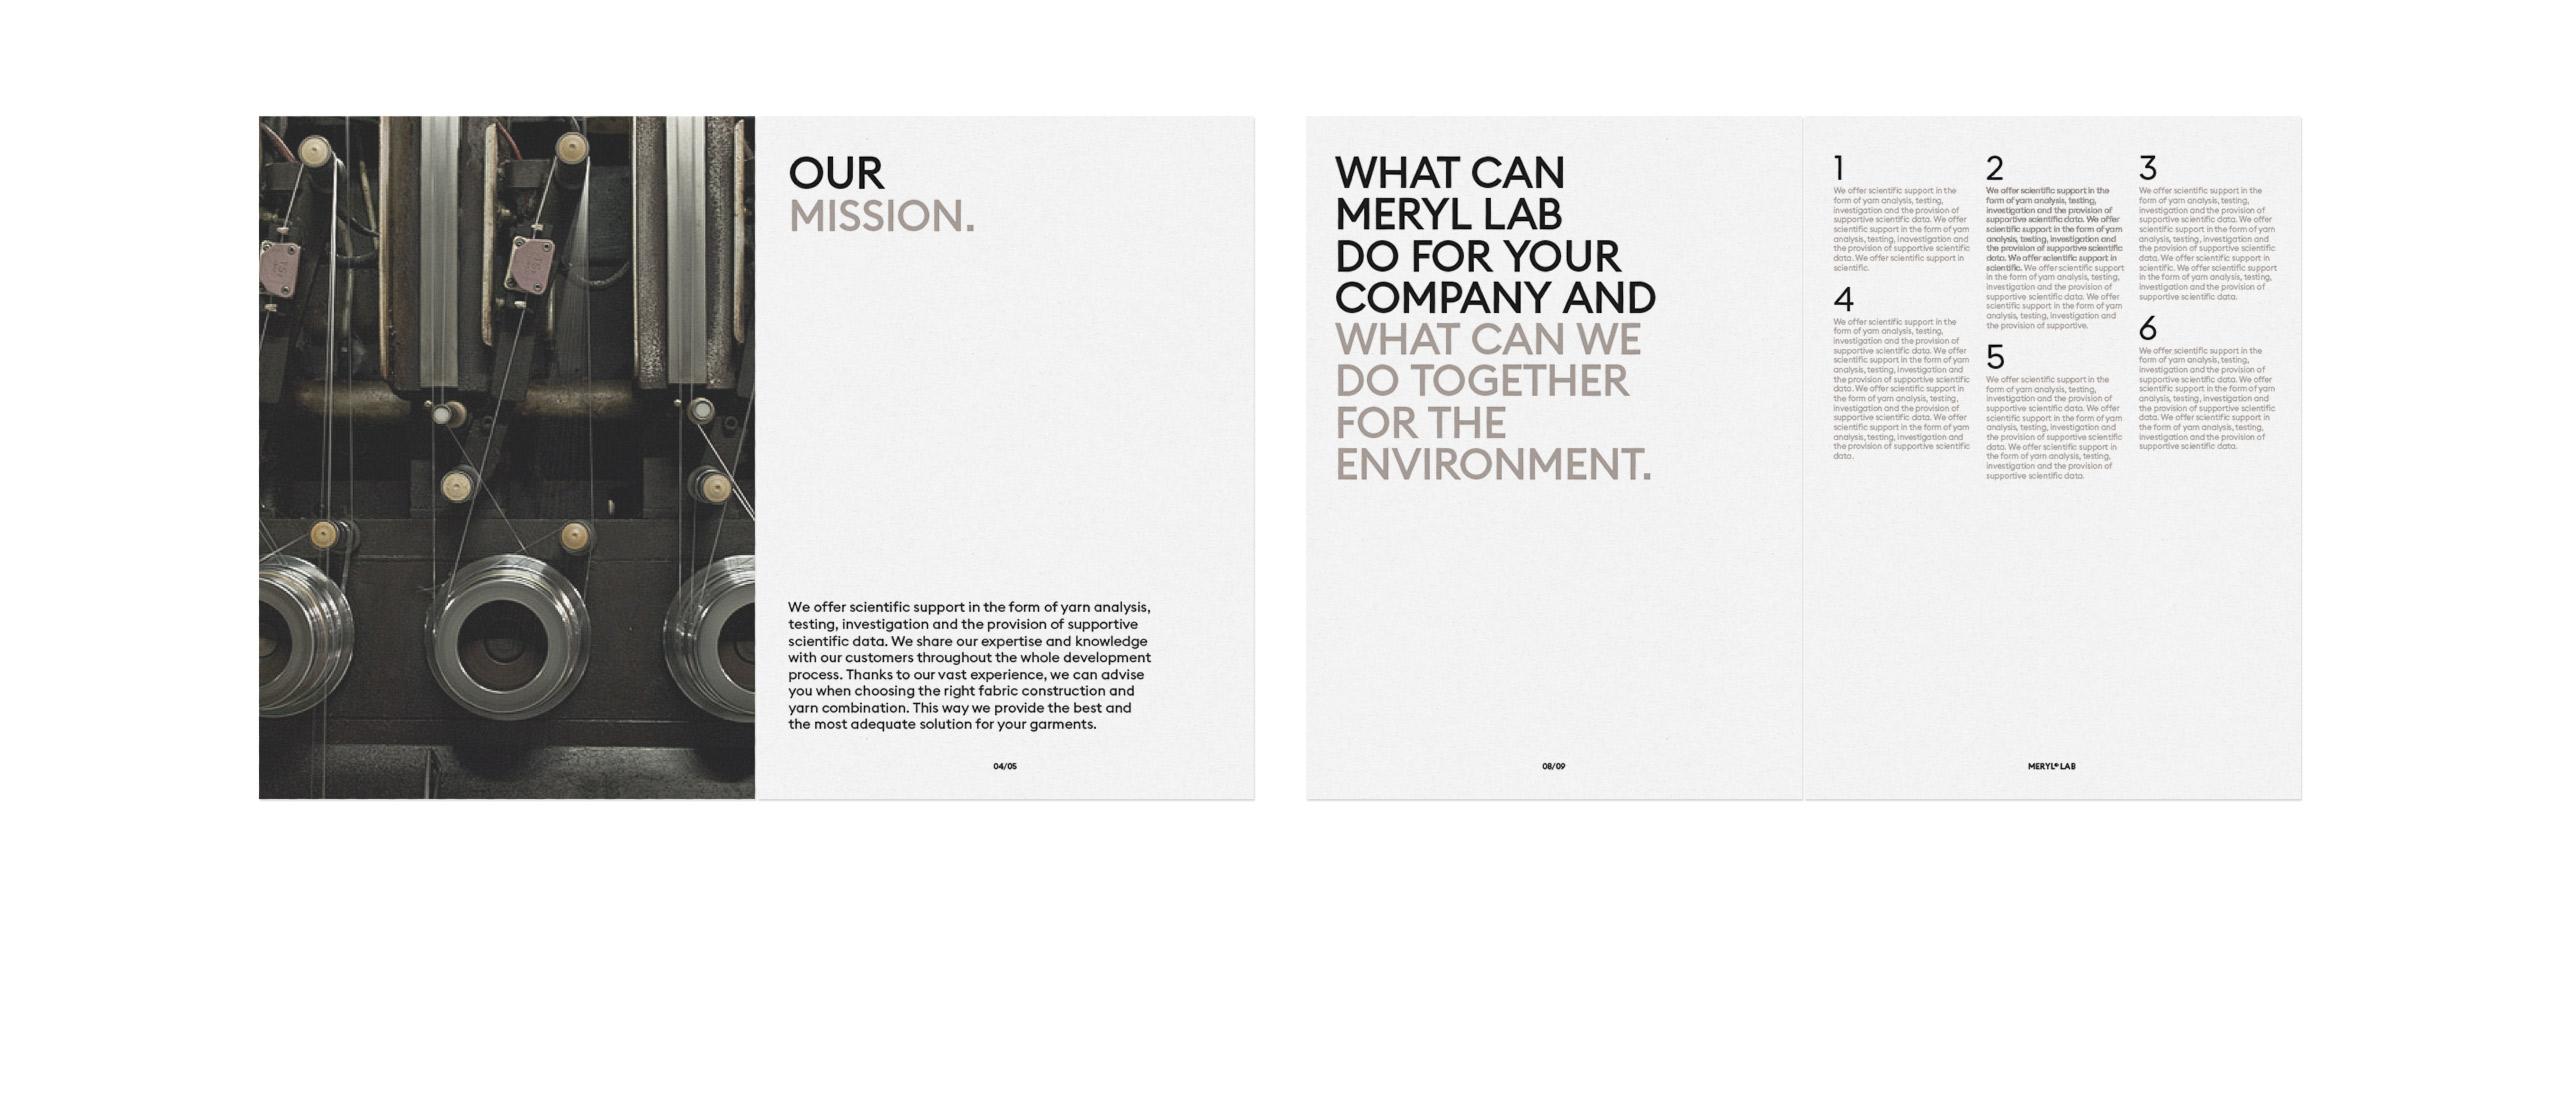 Fase, estudio de diseño gráfico. Identidad corporativa Meryl. Dossier empresa